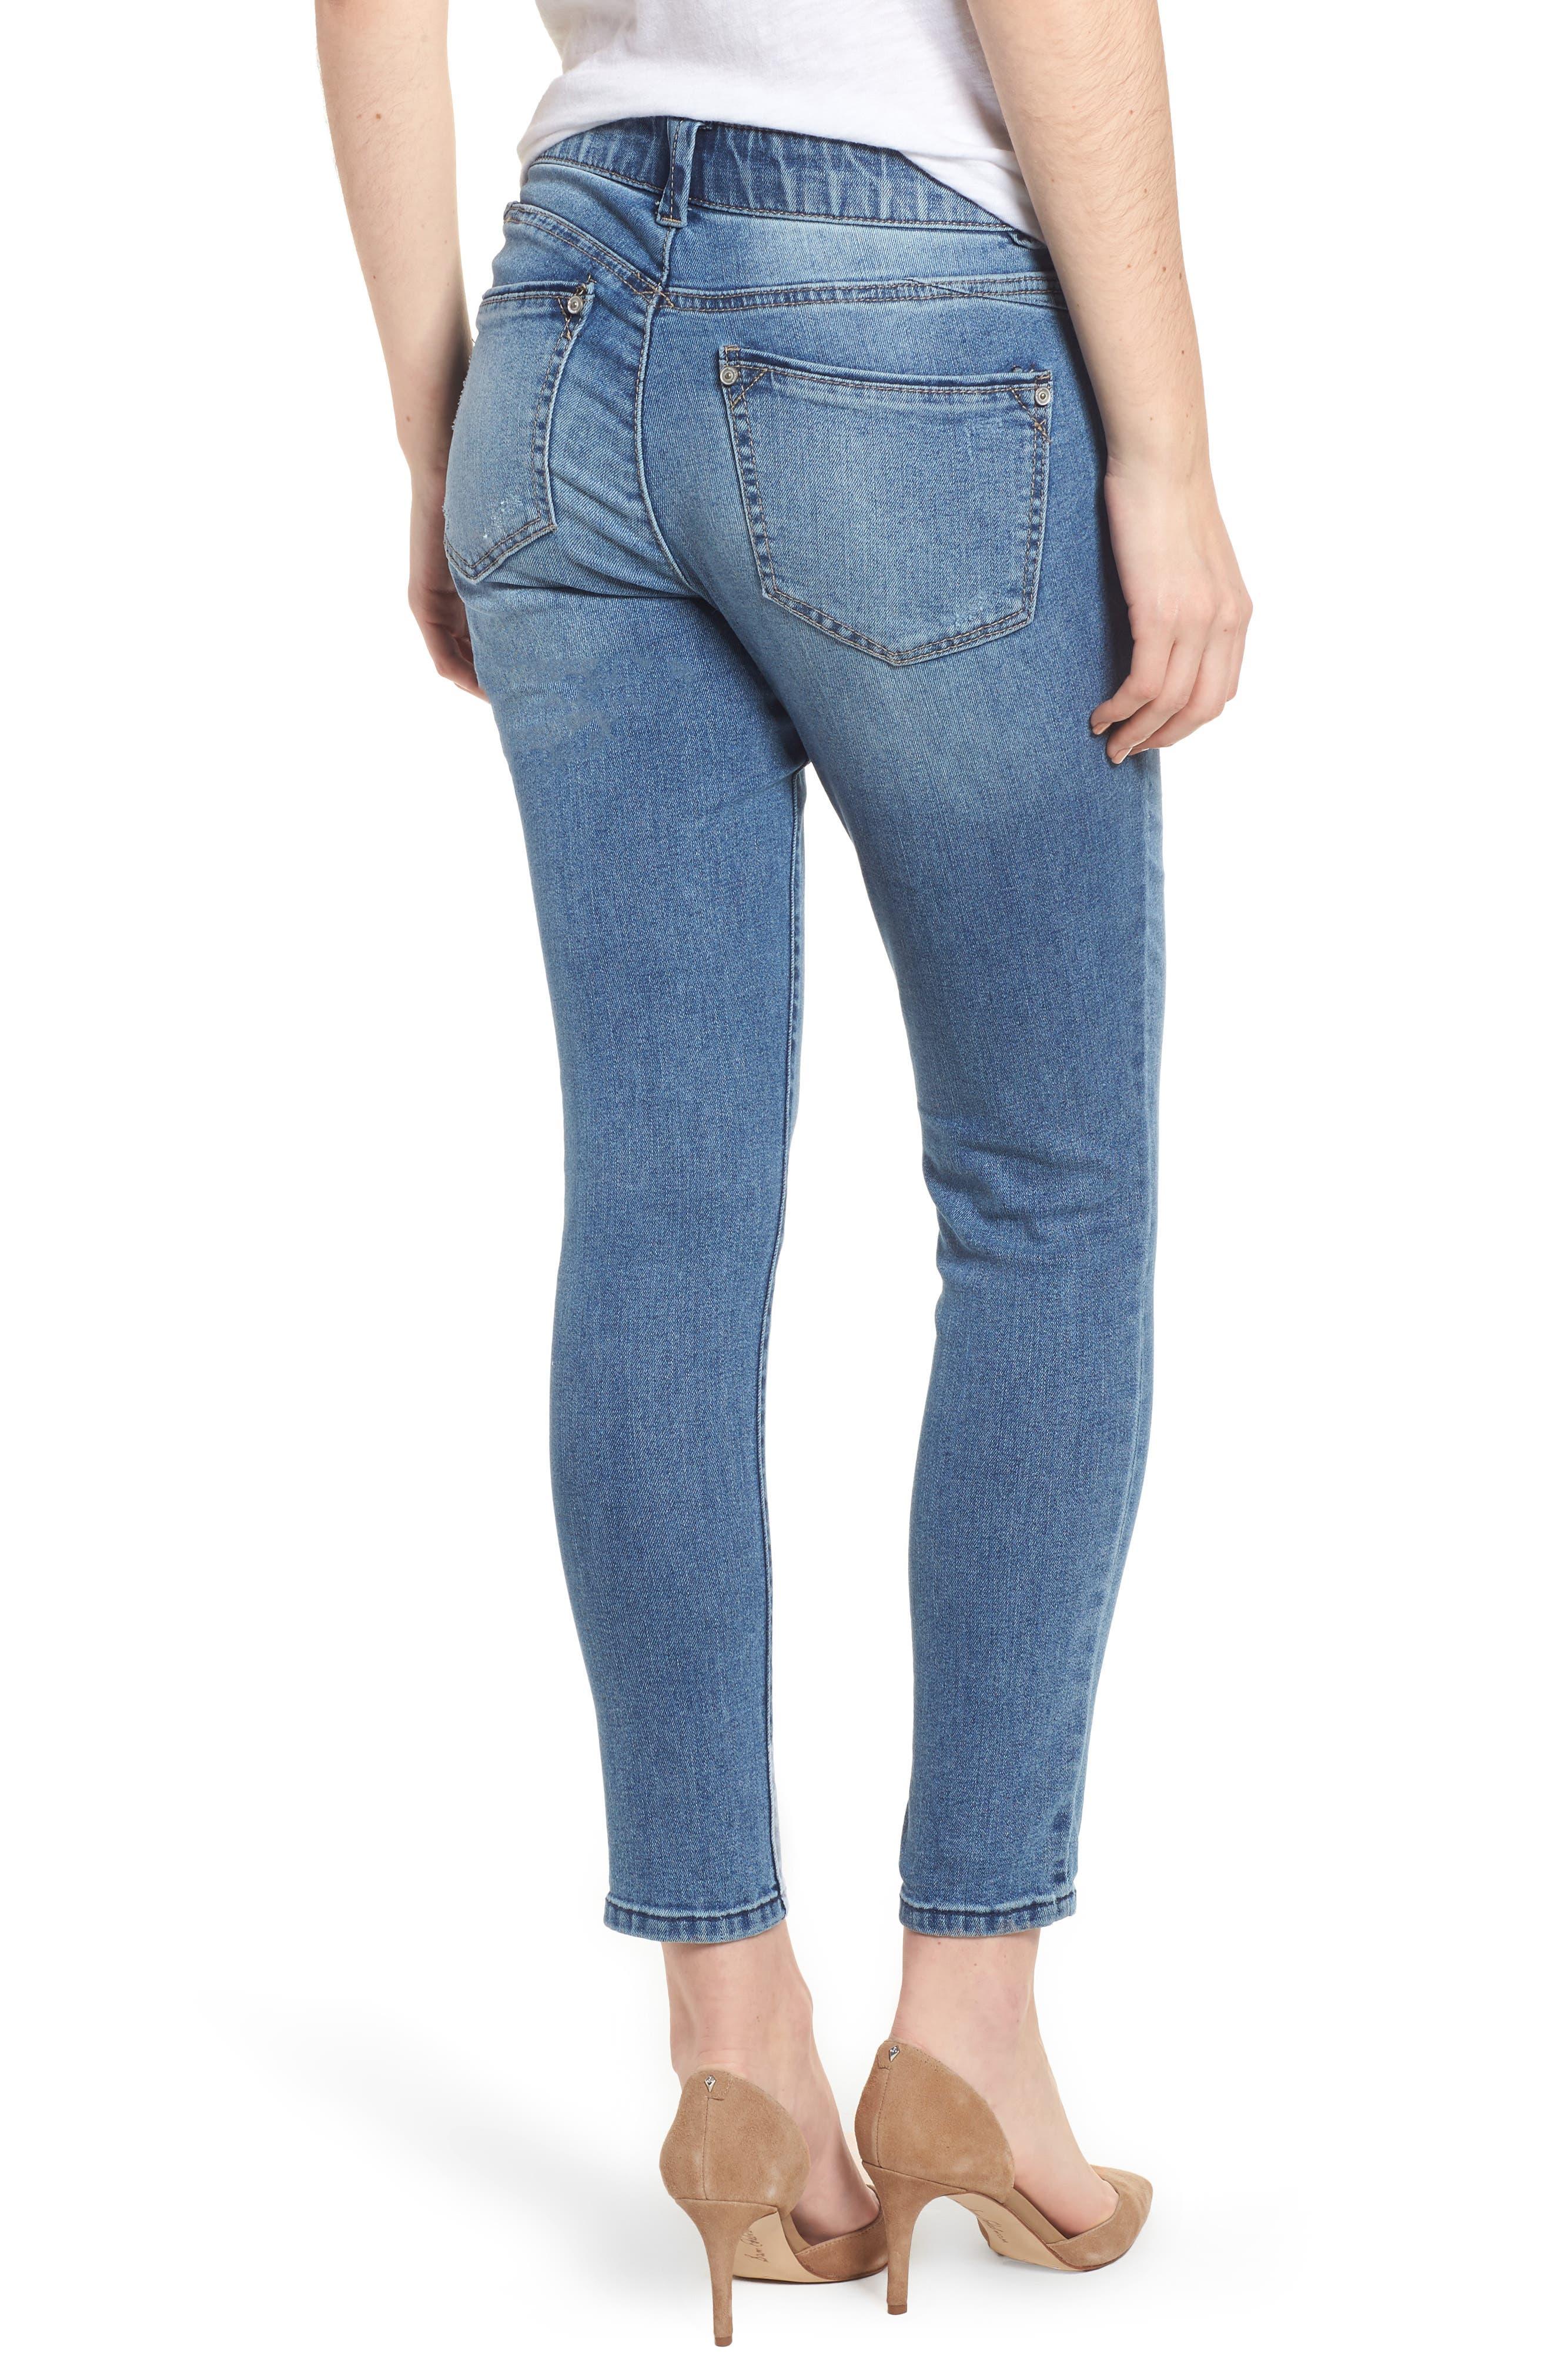 Ab-solution Ankle Skimmer Skinny Jeans Regular & Petite,                             Alternate thumbnail 2, color,                             Light Blue